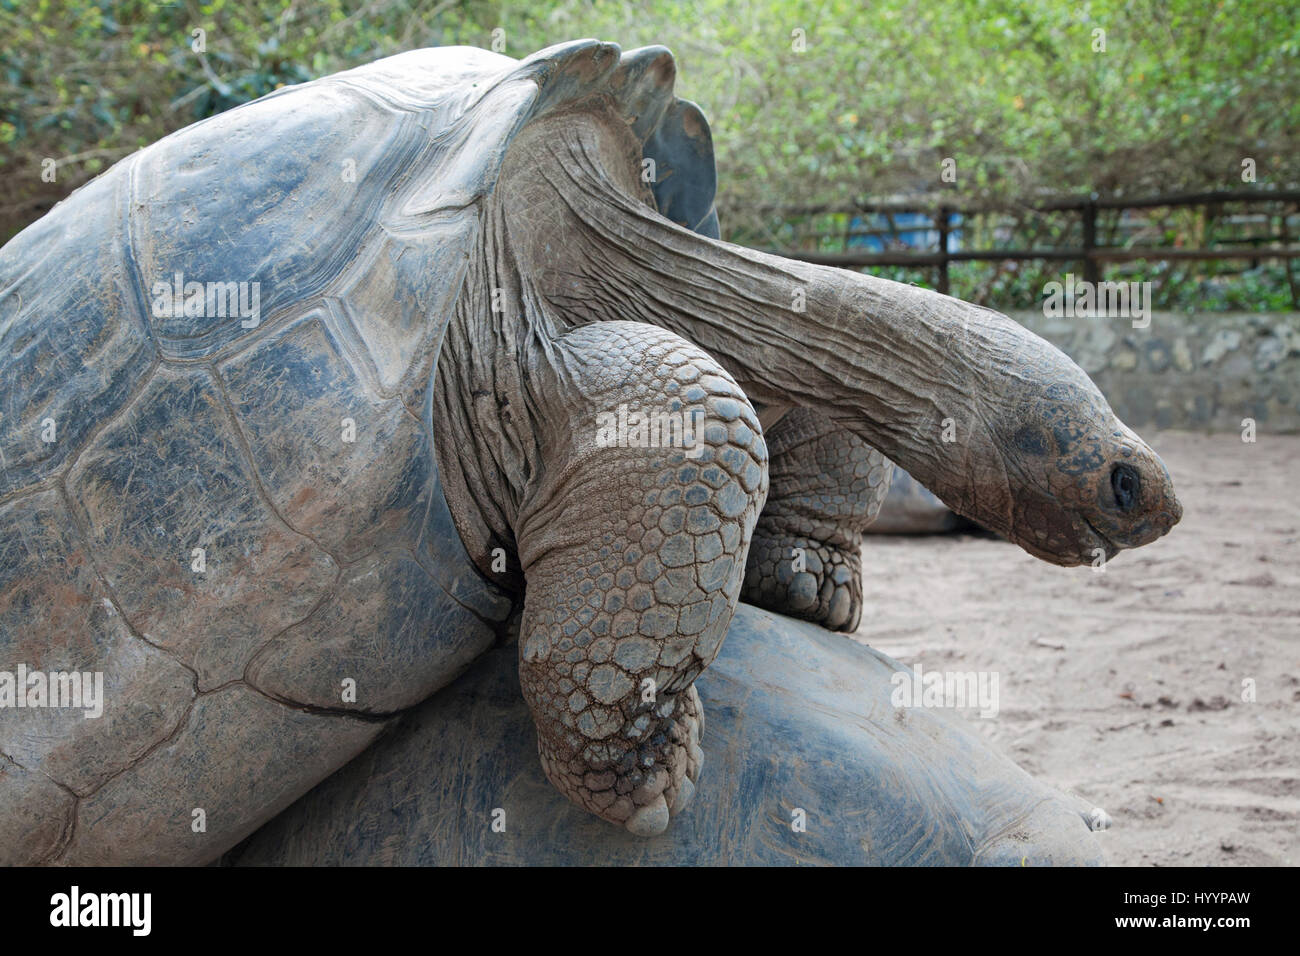 Las tortugas gigantes de Galápagos (Chelonoidis nigra) apareamiento en Quito zoo Imagen De Stock